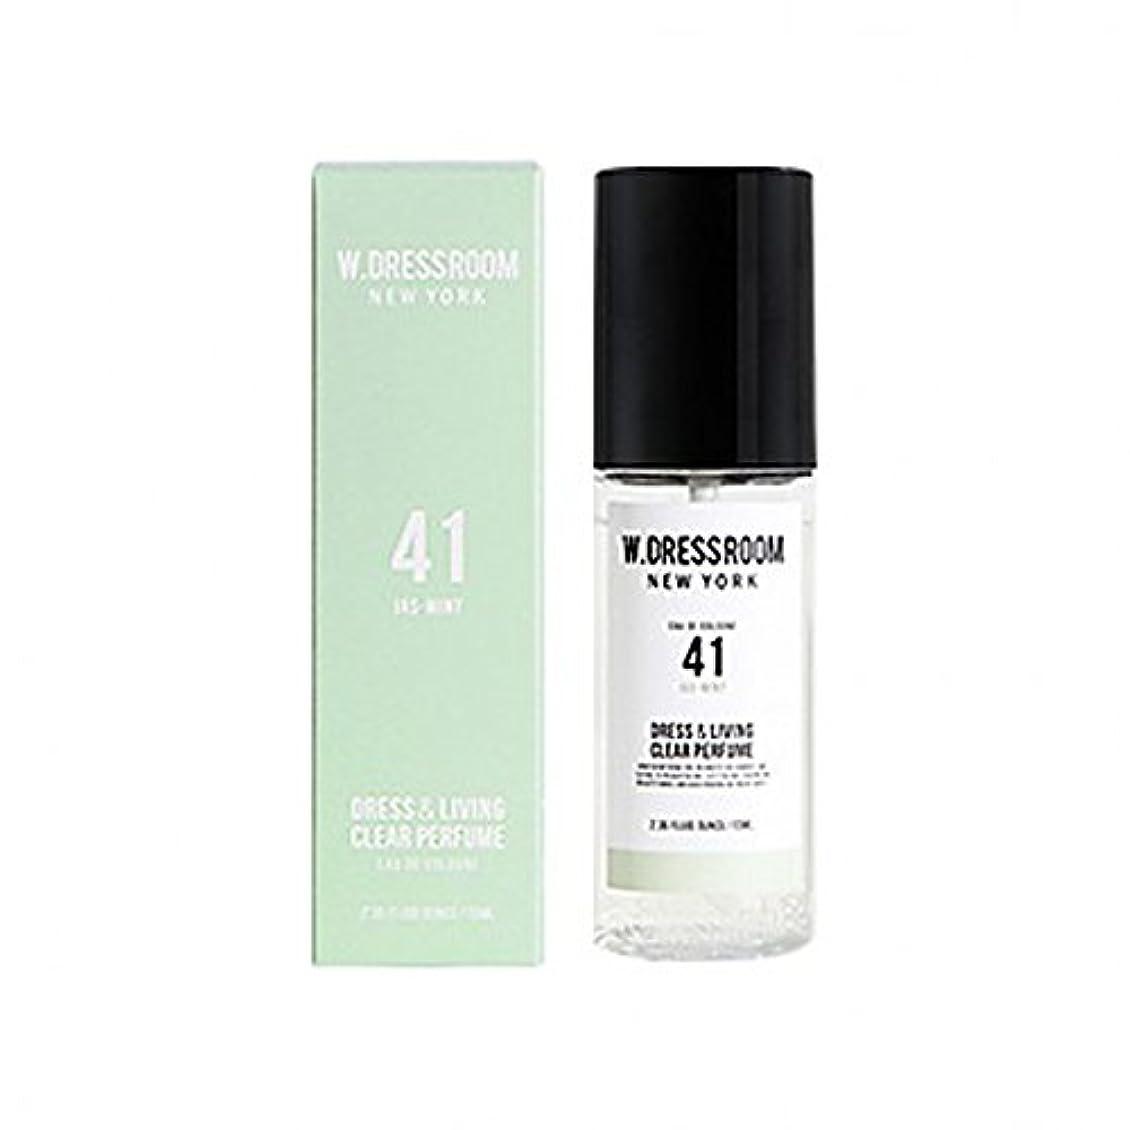 言い換えるとフラッシュのように素早く違法W.DRESSROOM Dress & Living Clear Perfume fragrance 70ml (#No.41 Jas-Mint)/ダブルドレスルーム ドレス&リビング クリア パフューム 70ml (#No.41 Jas-Mint)